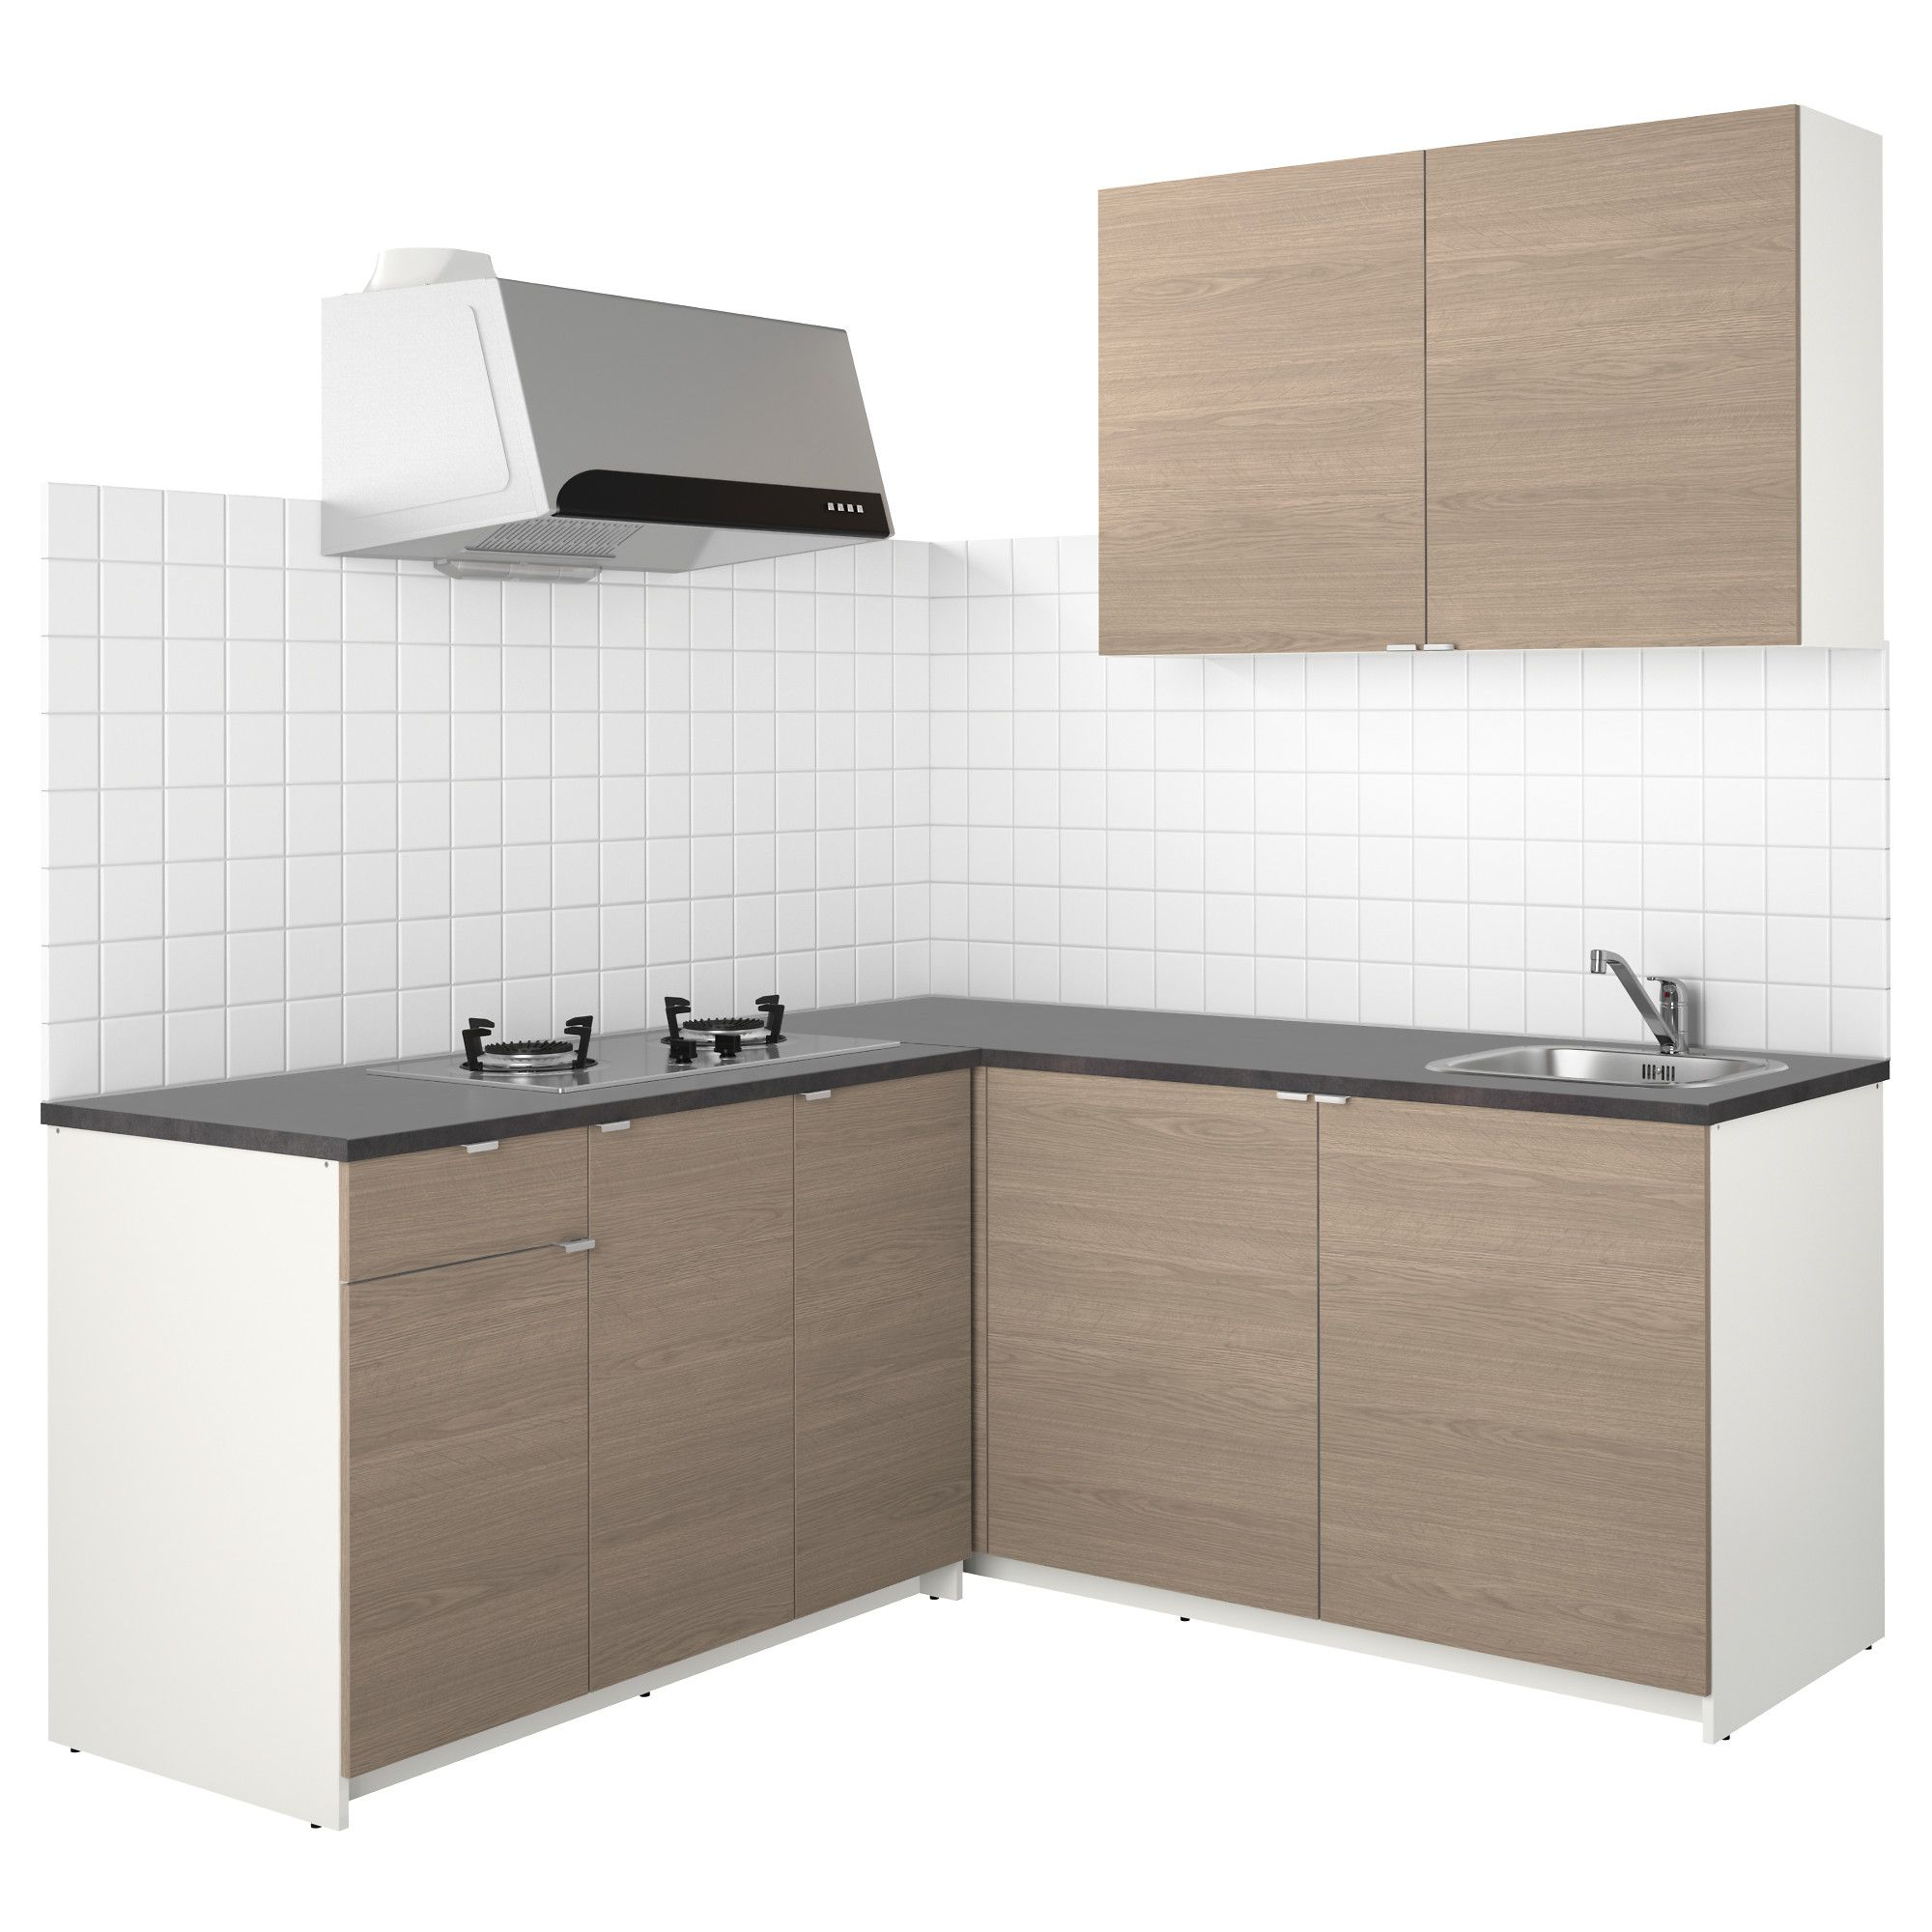 Kitchen Cabinets Fk 13338 Ikea Kitchen Cabinets Ikea Ikea Kitchen